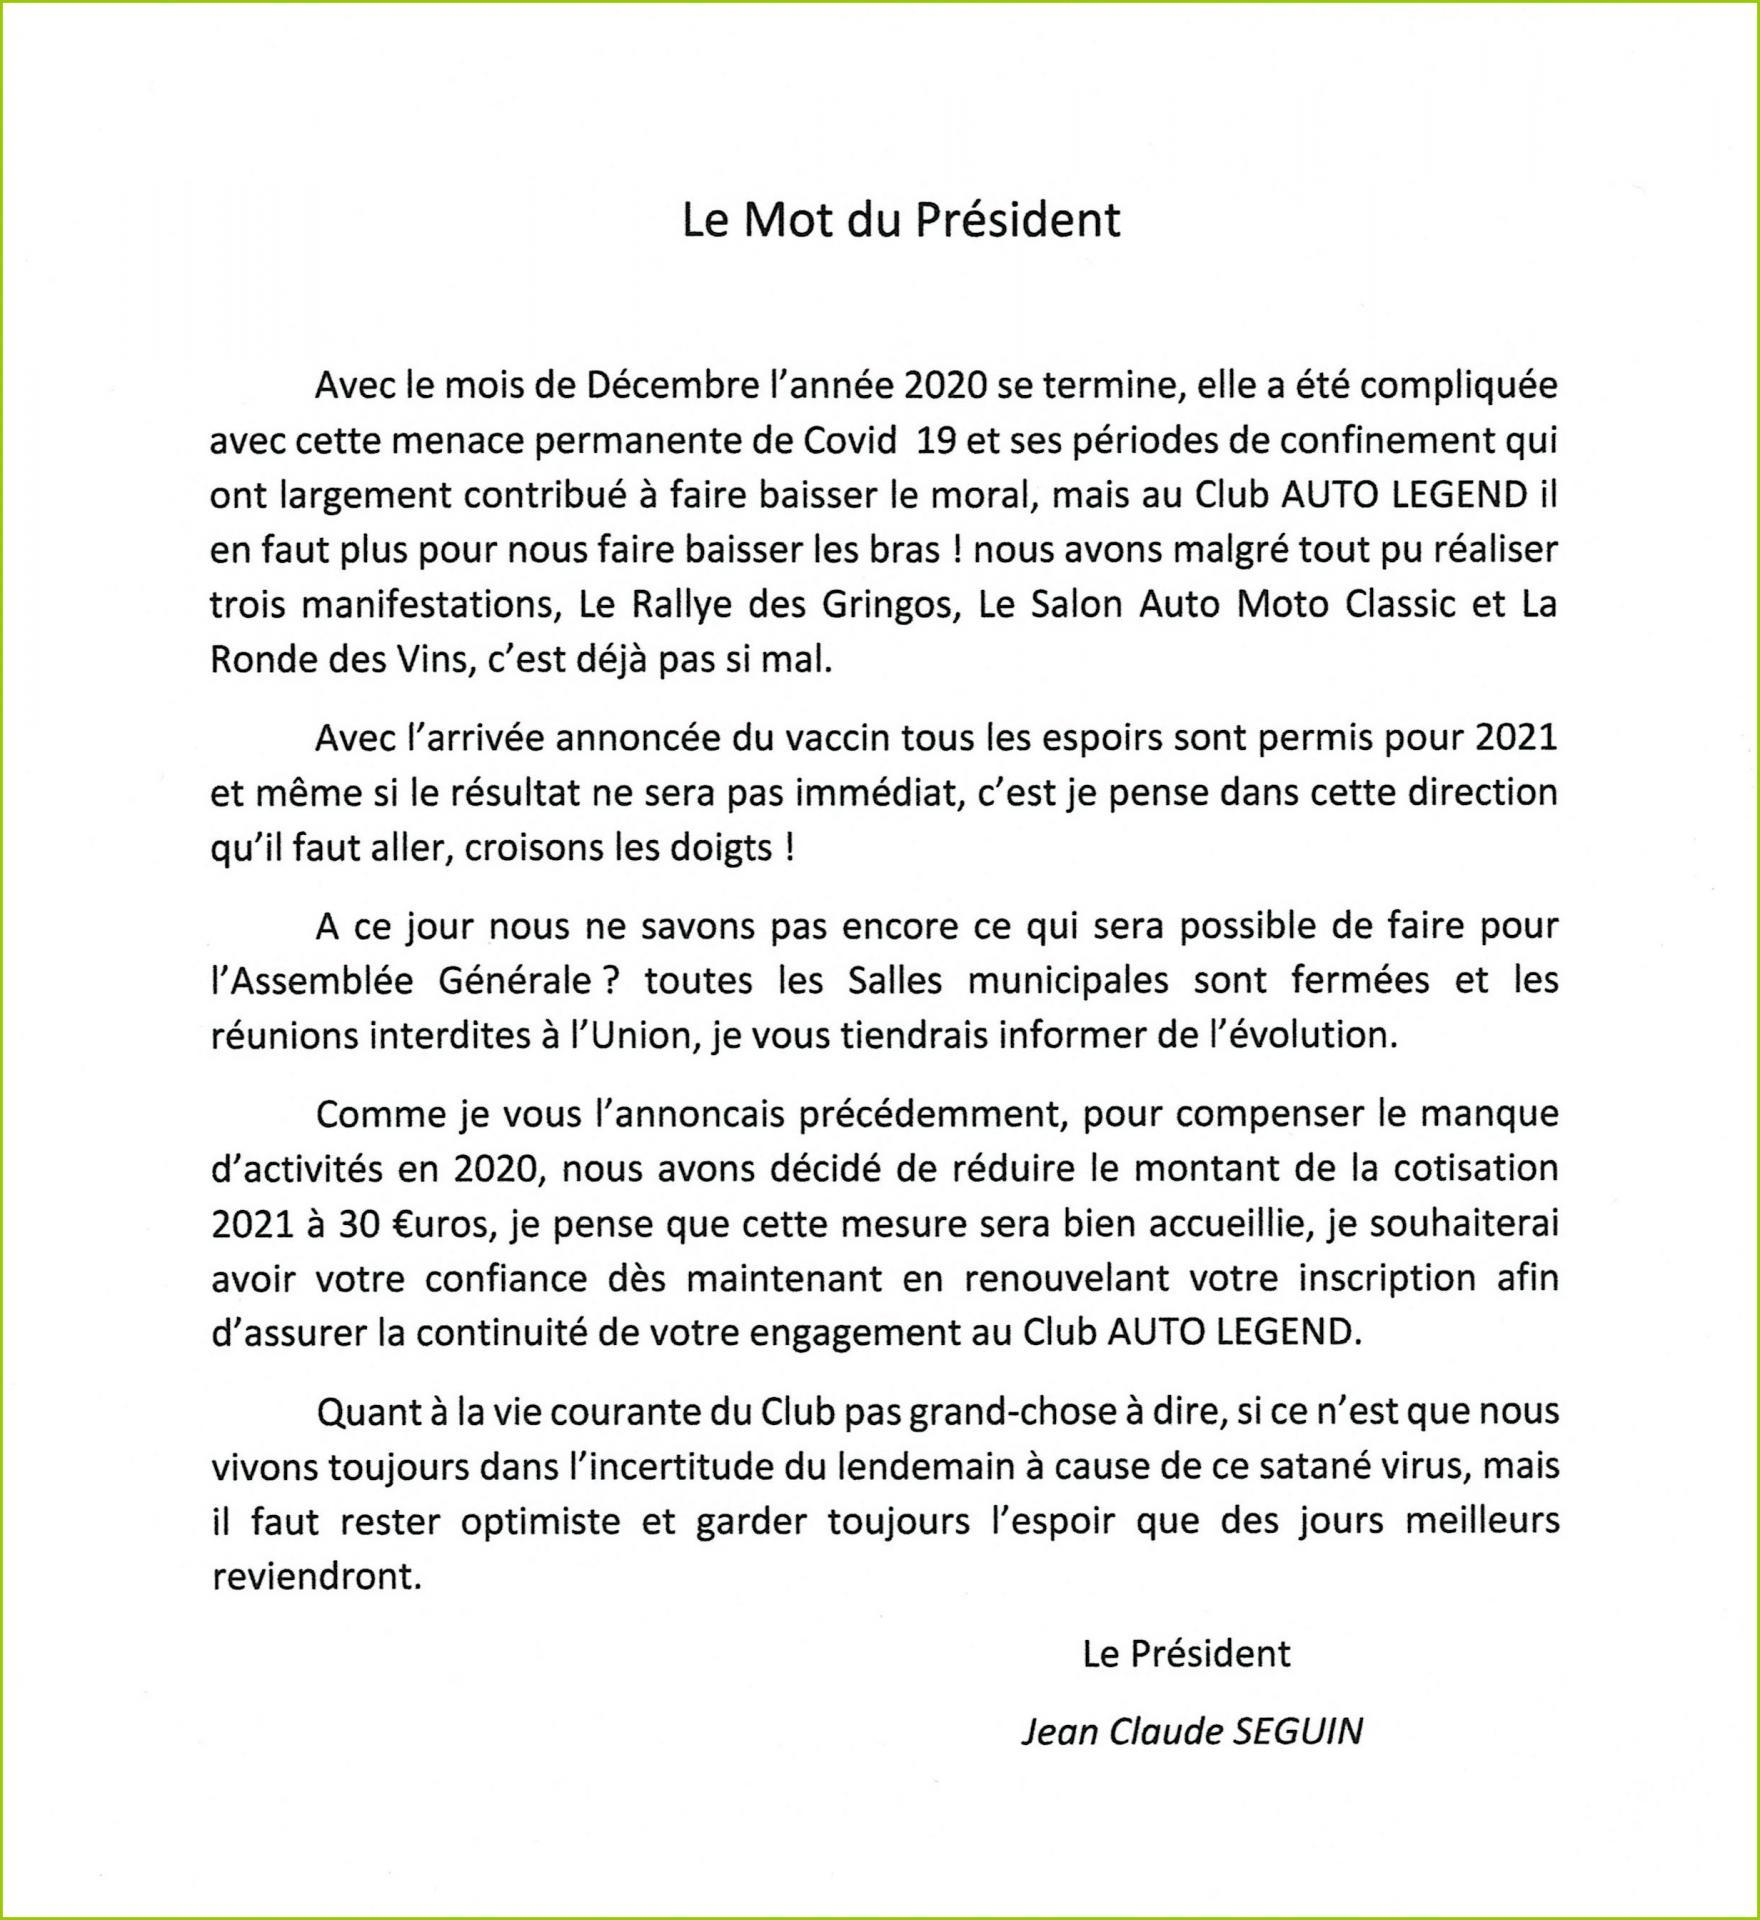 Mot president 12 2020